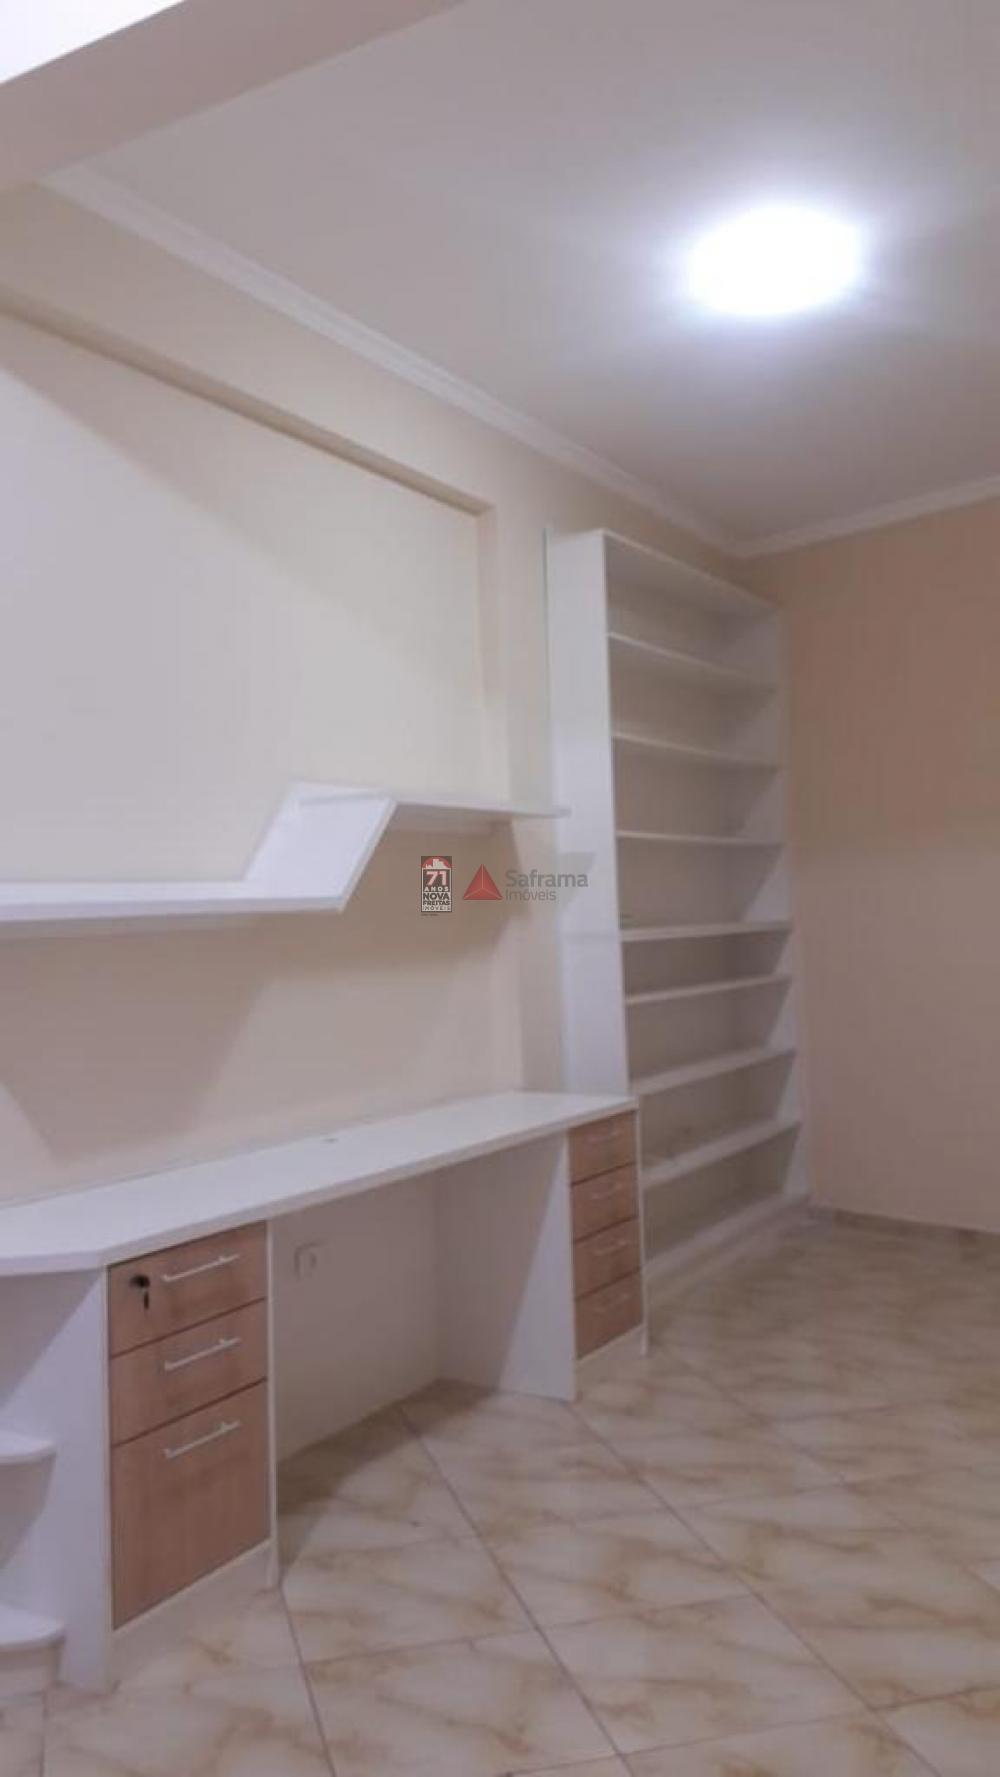 Comprar Casa / Sobrado em Taubaté R$ 450.000,00 - Foto 10